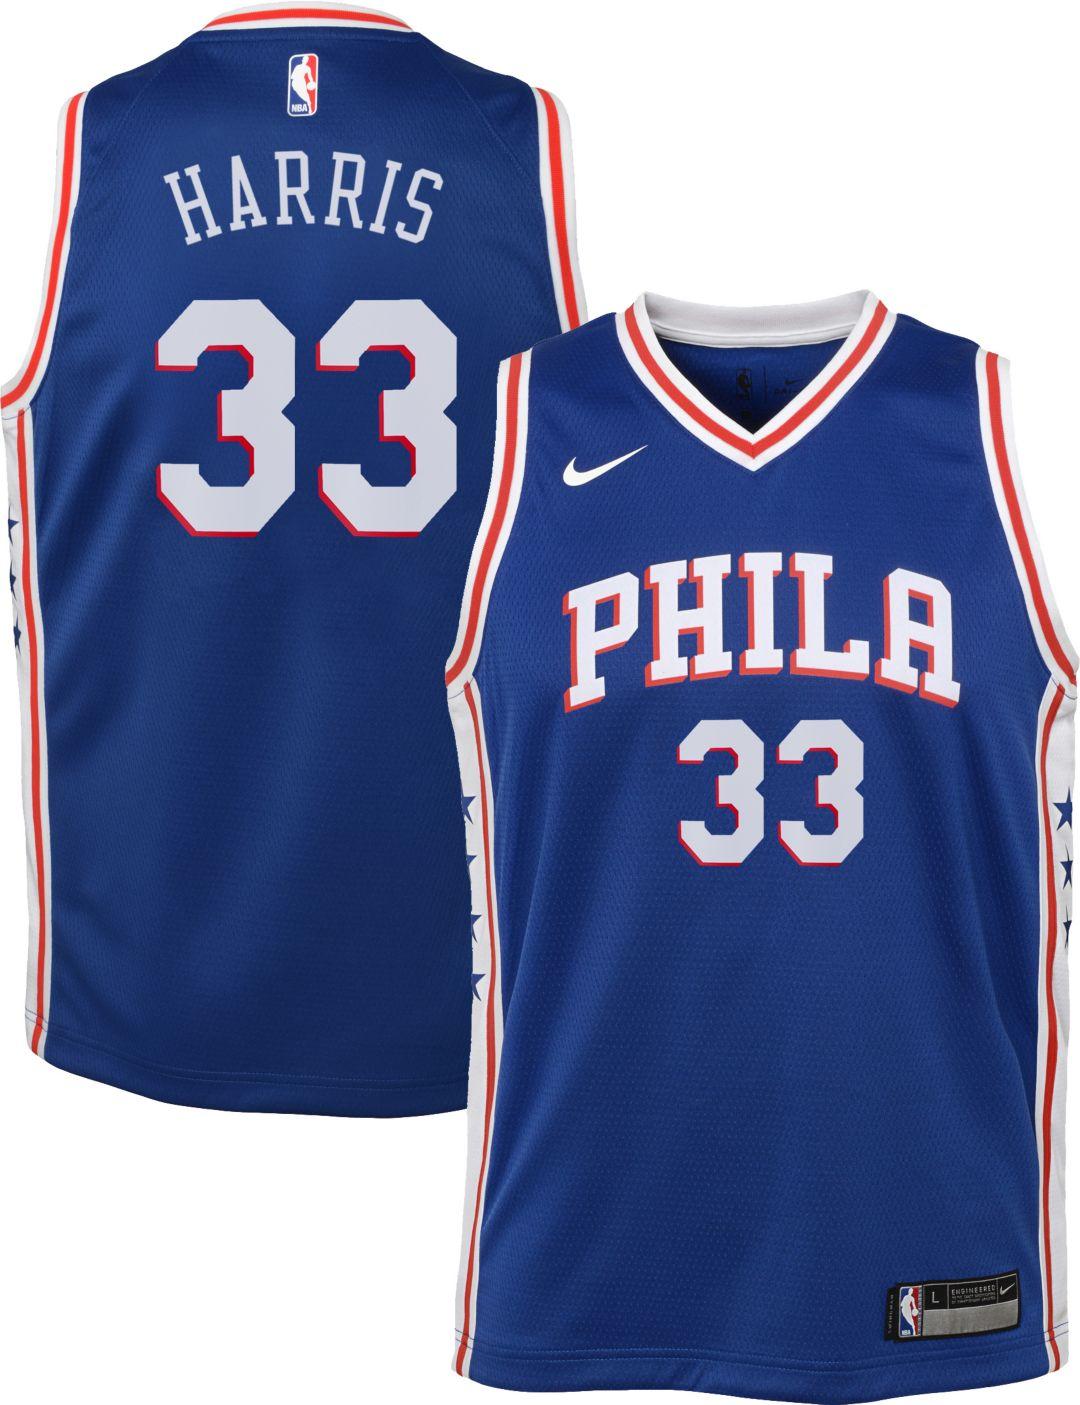 best loved d8214 013b7 Nike Youth Philadelphia 76ers Tobias Harris #33 Royal Dri-FIT Swingman  Jersey